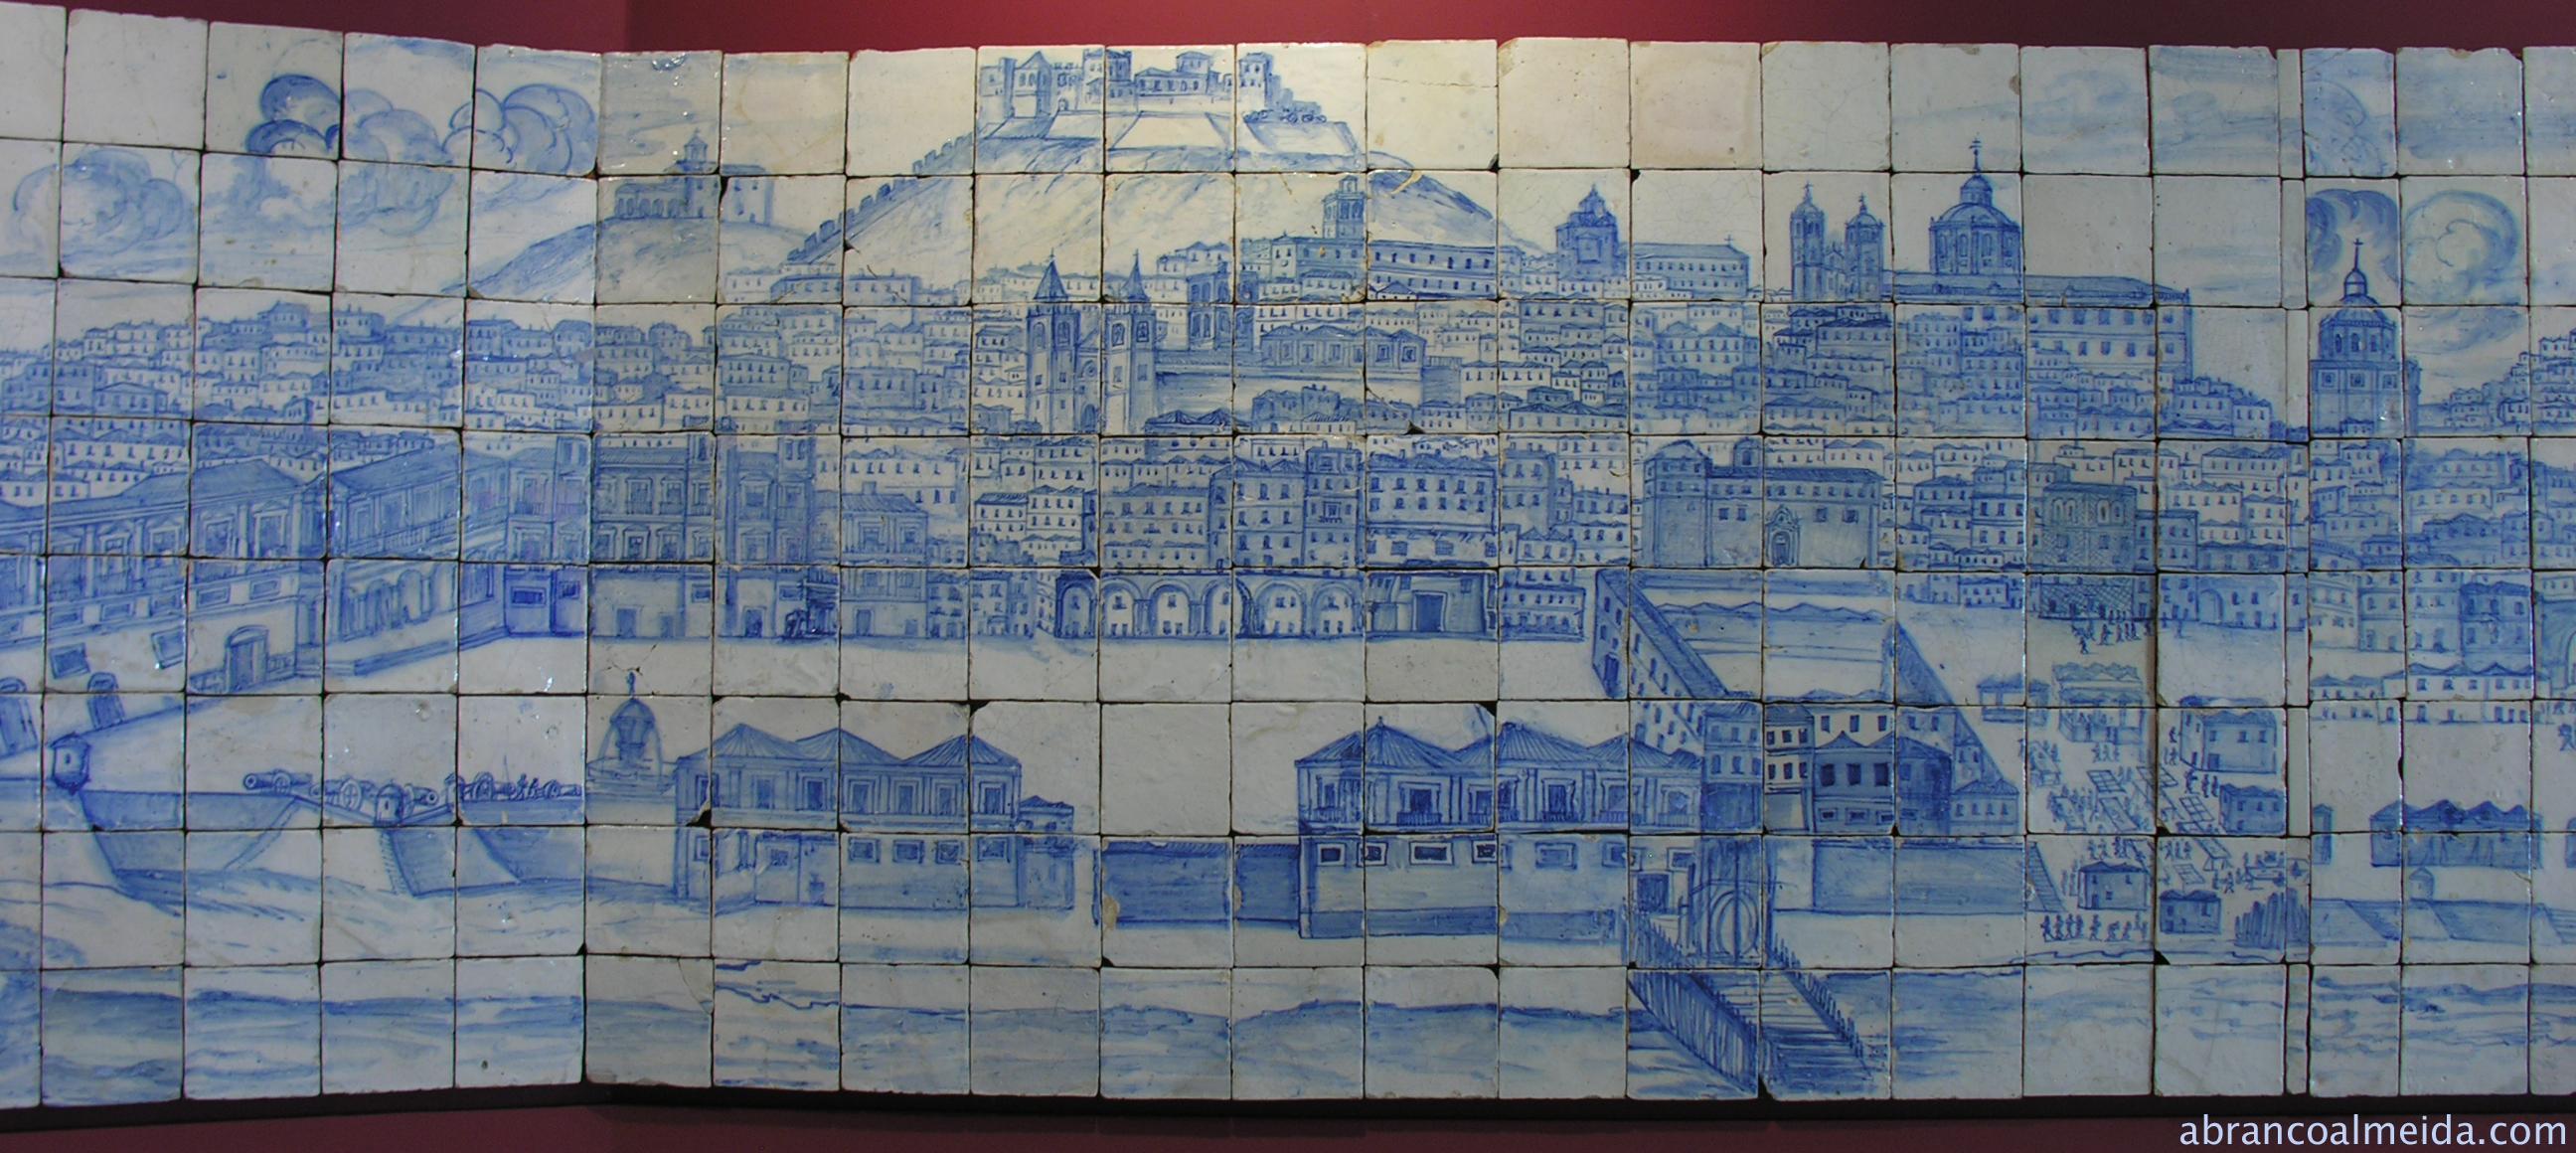 Grande panorama de lisboa azulejo o universo numa for Casa dos azulejos lisboa